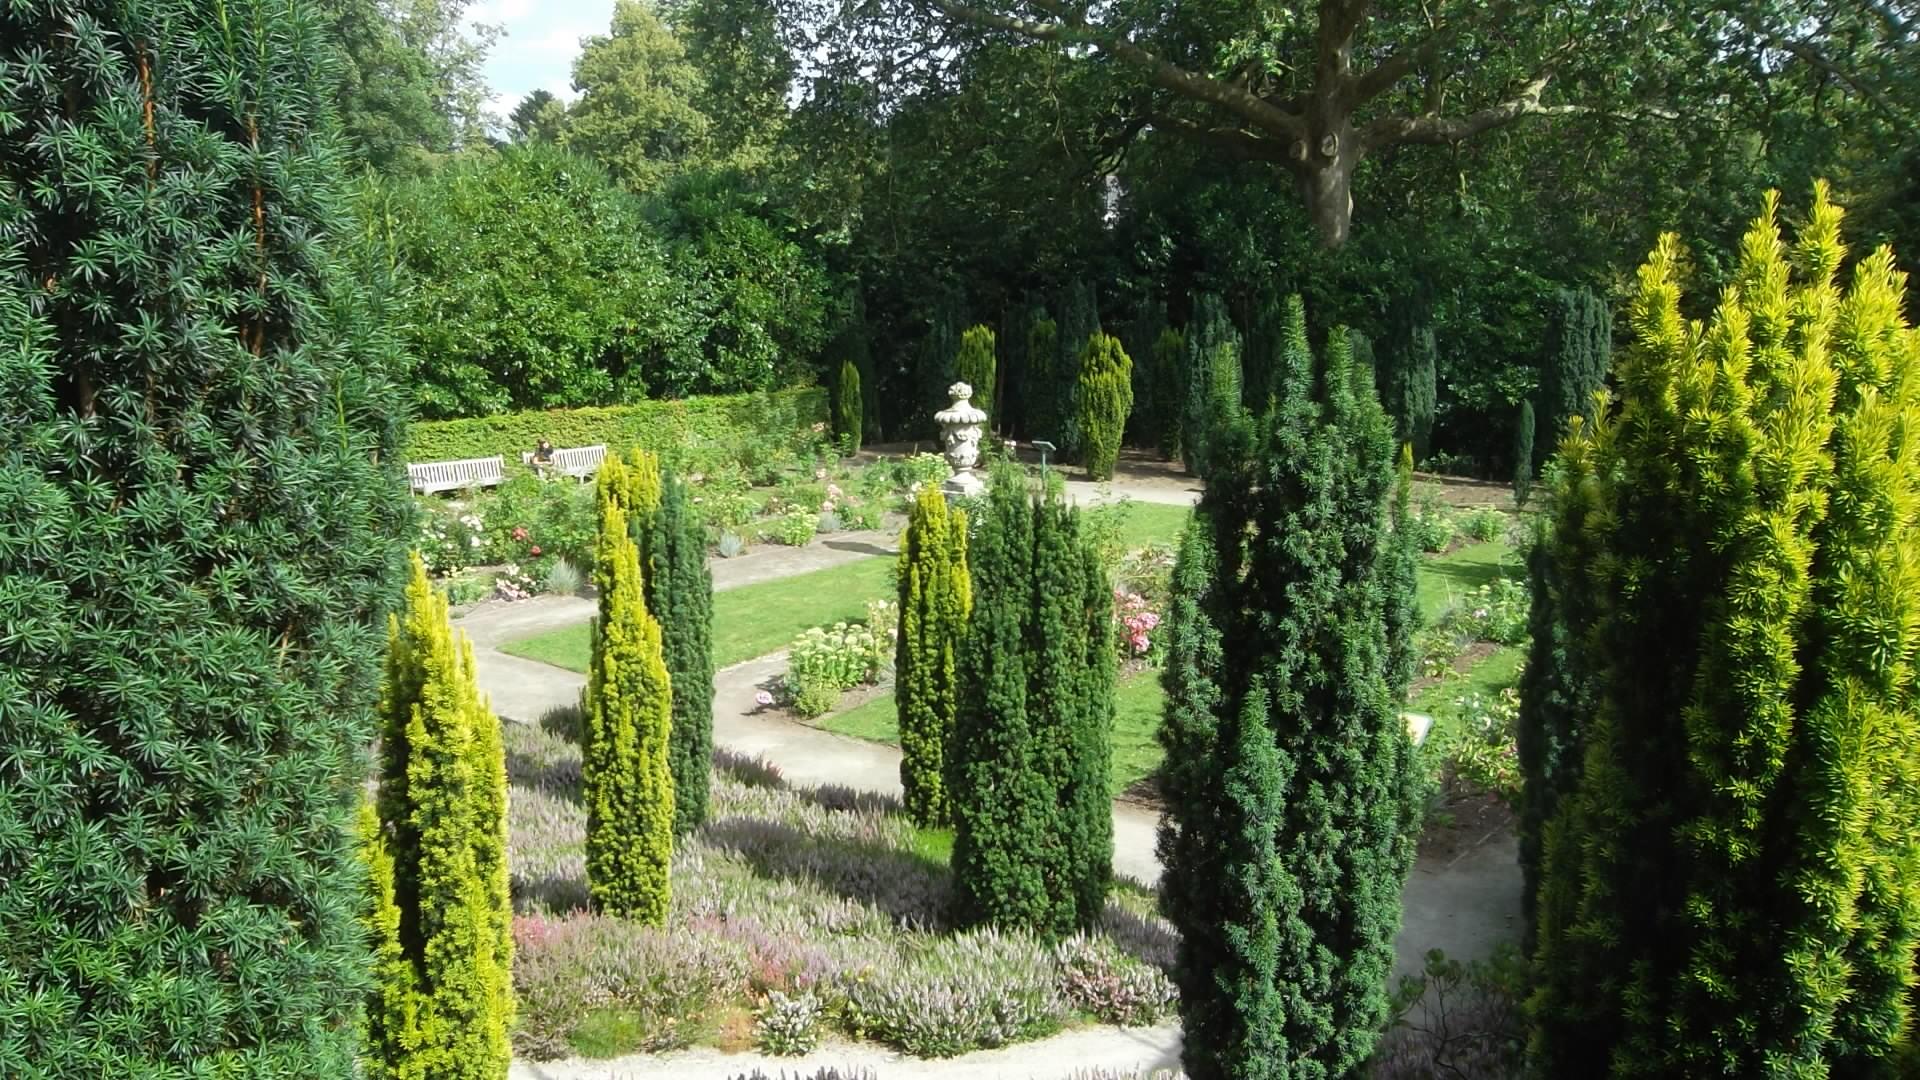 josselin-castle-rohan-rosarie-gardens-left-side-aug12